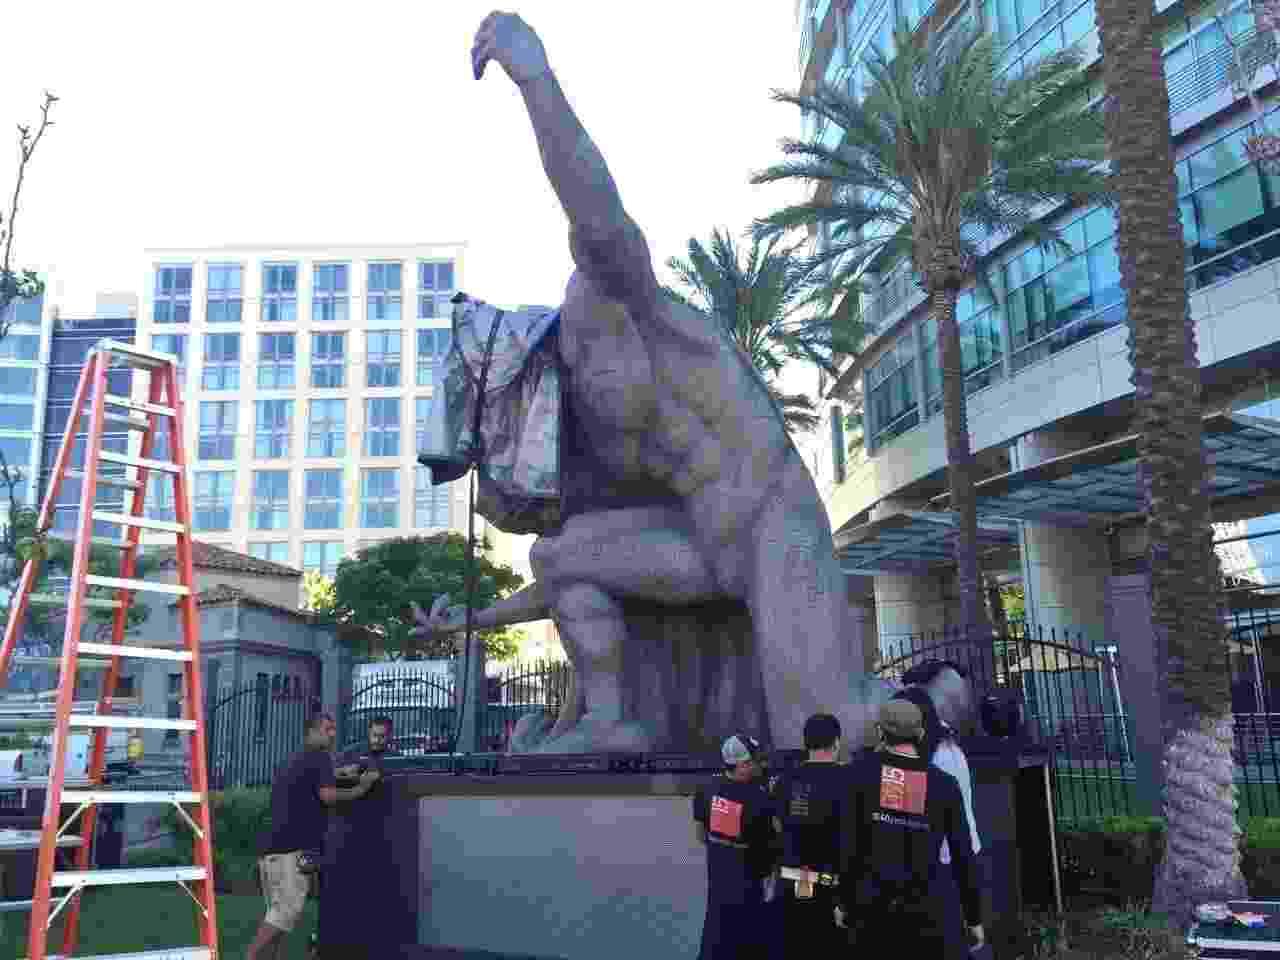 """19.jul.2016 - Réplica de uma estátua do Superman, usada no filme """"Batman Vs Superman"""", é montada nos arredores do Centro de Convenções de San Diego - Felipe Branco Cruz/UOL"""